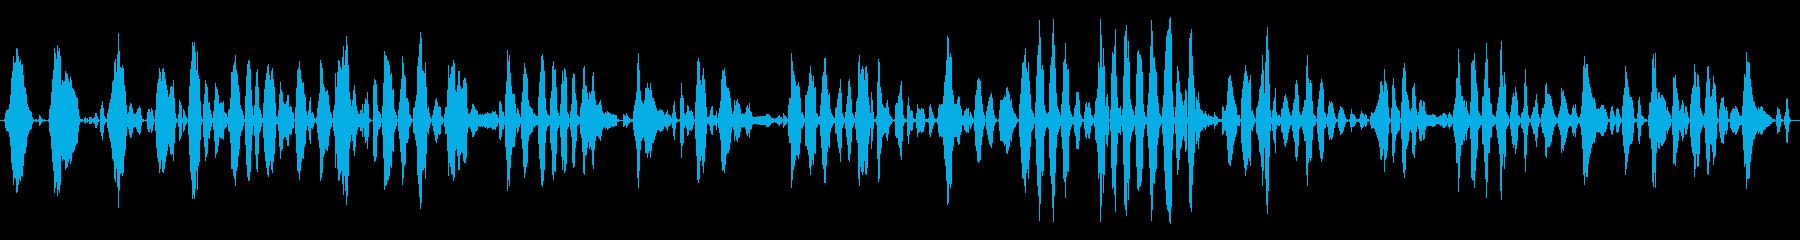 12週齢の赤ちゃん:泣いての再生済みの波形